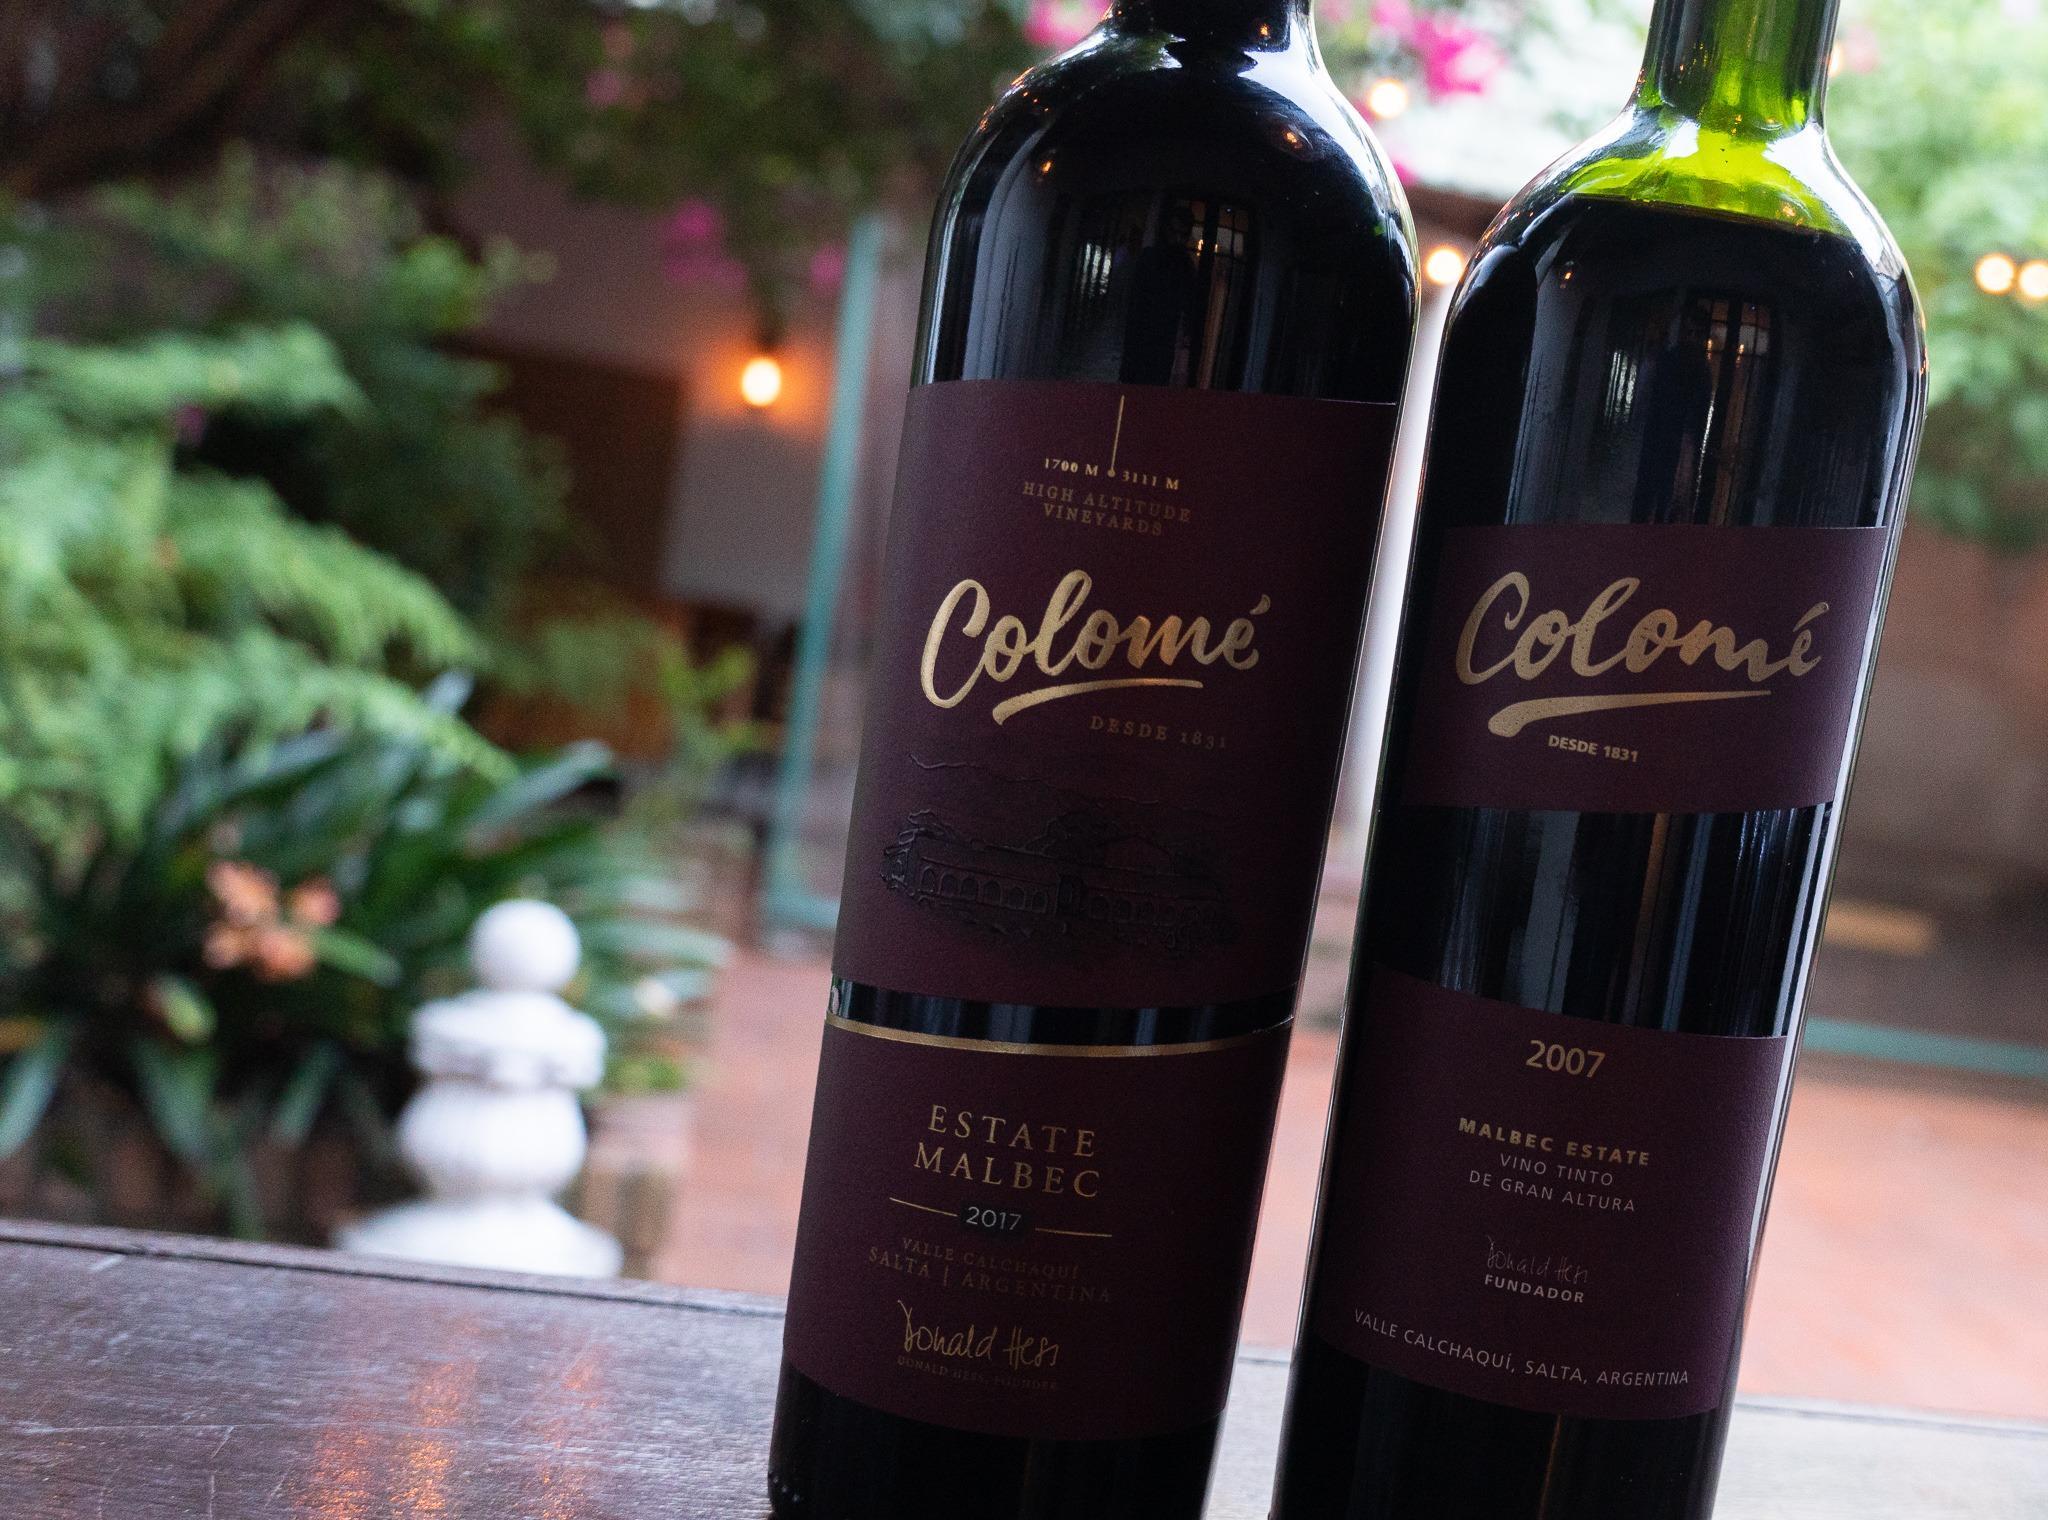 Colomé Estate 2017 y Colomé Estate 2007